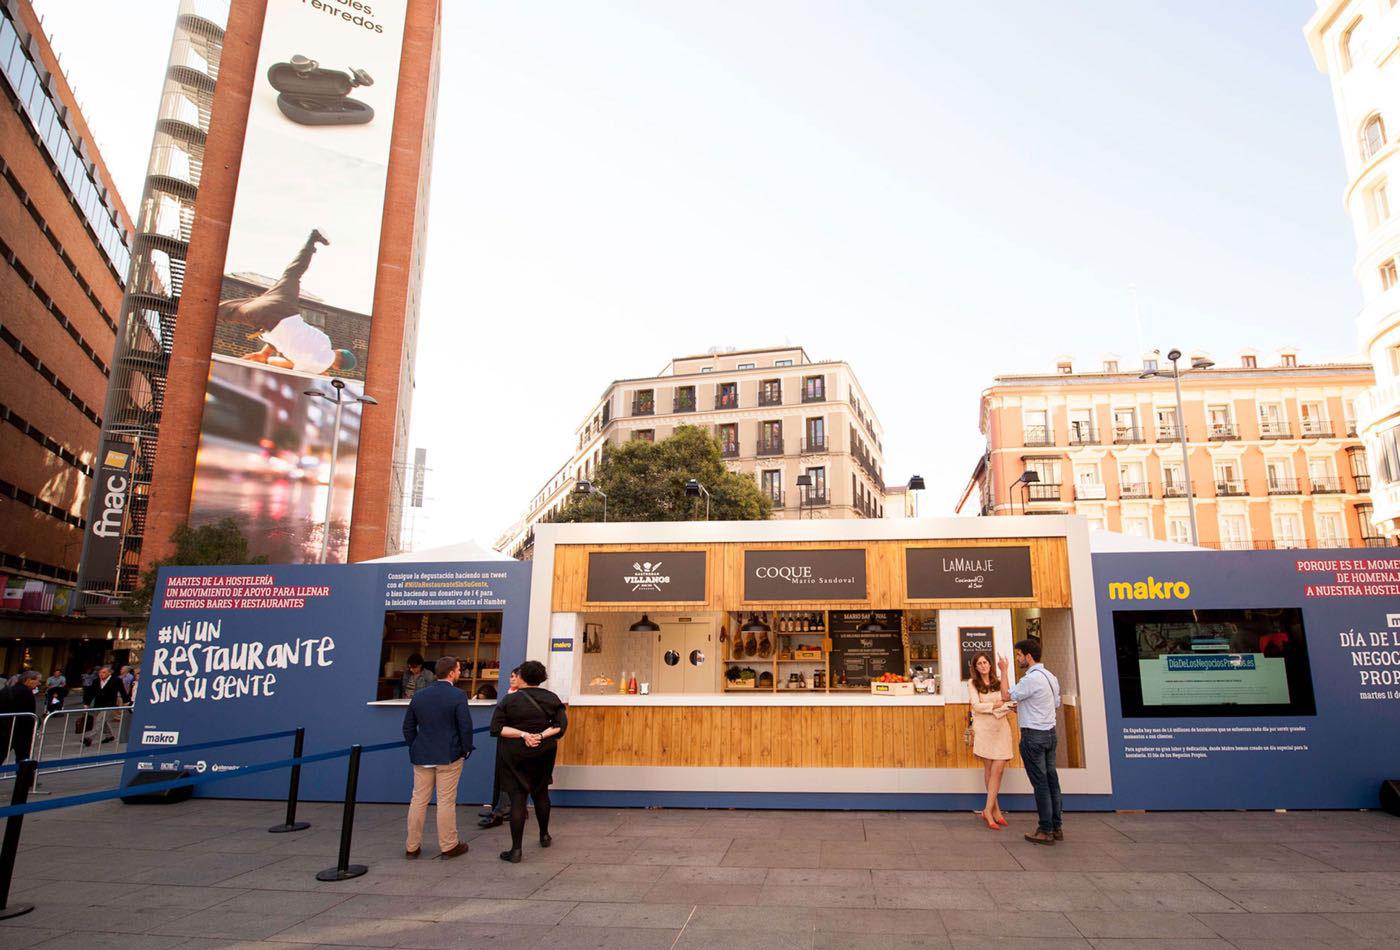 makro-ni-un-restaurante-sin-su-gente-madrid